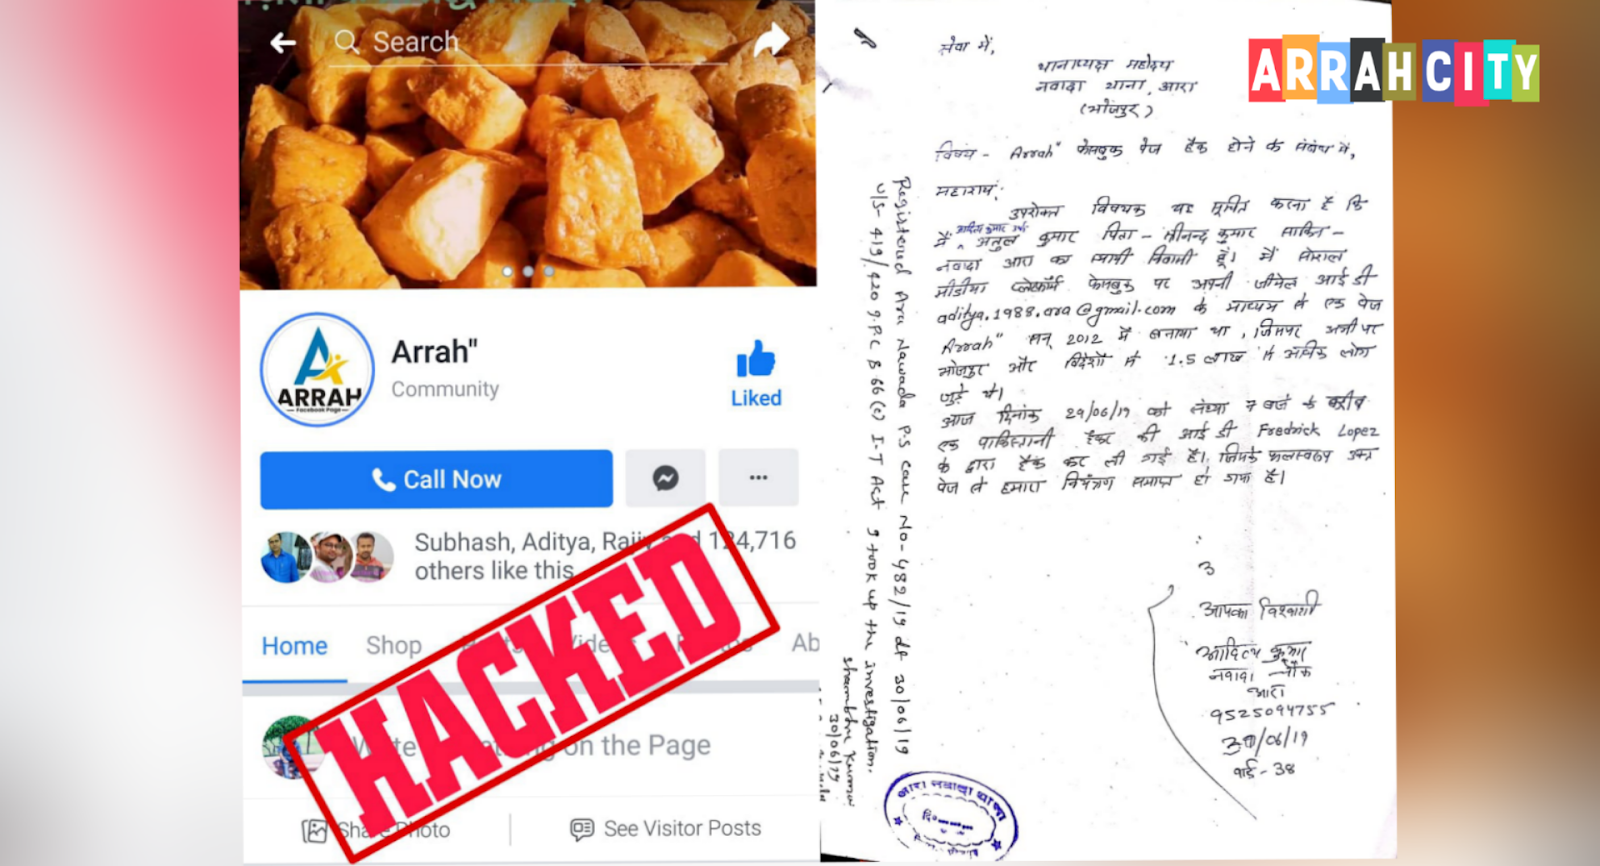 """भोजपुर के प्रसिद्ध फेसबुक पेज Arrah"""" पर पाकिस्तानी हैकर्स ने किया हमला, पेज हुई हैक्ड"""